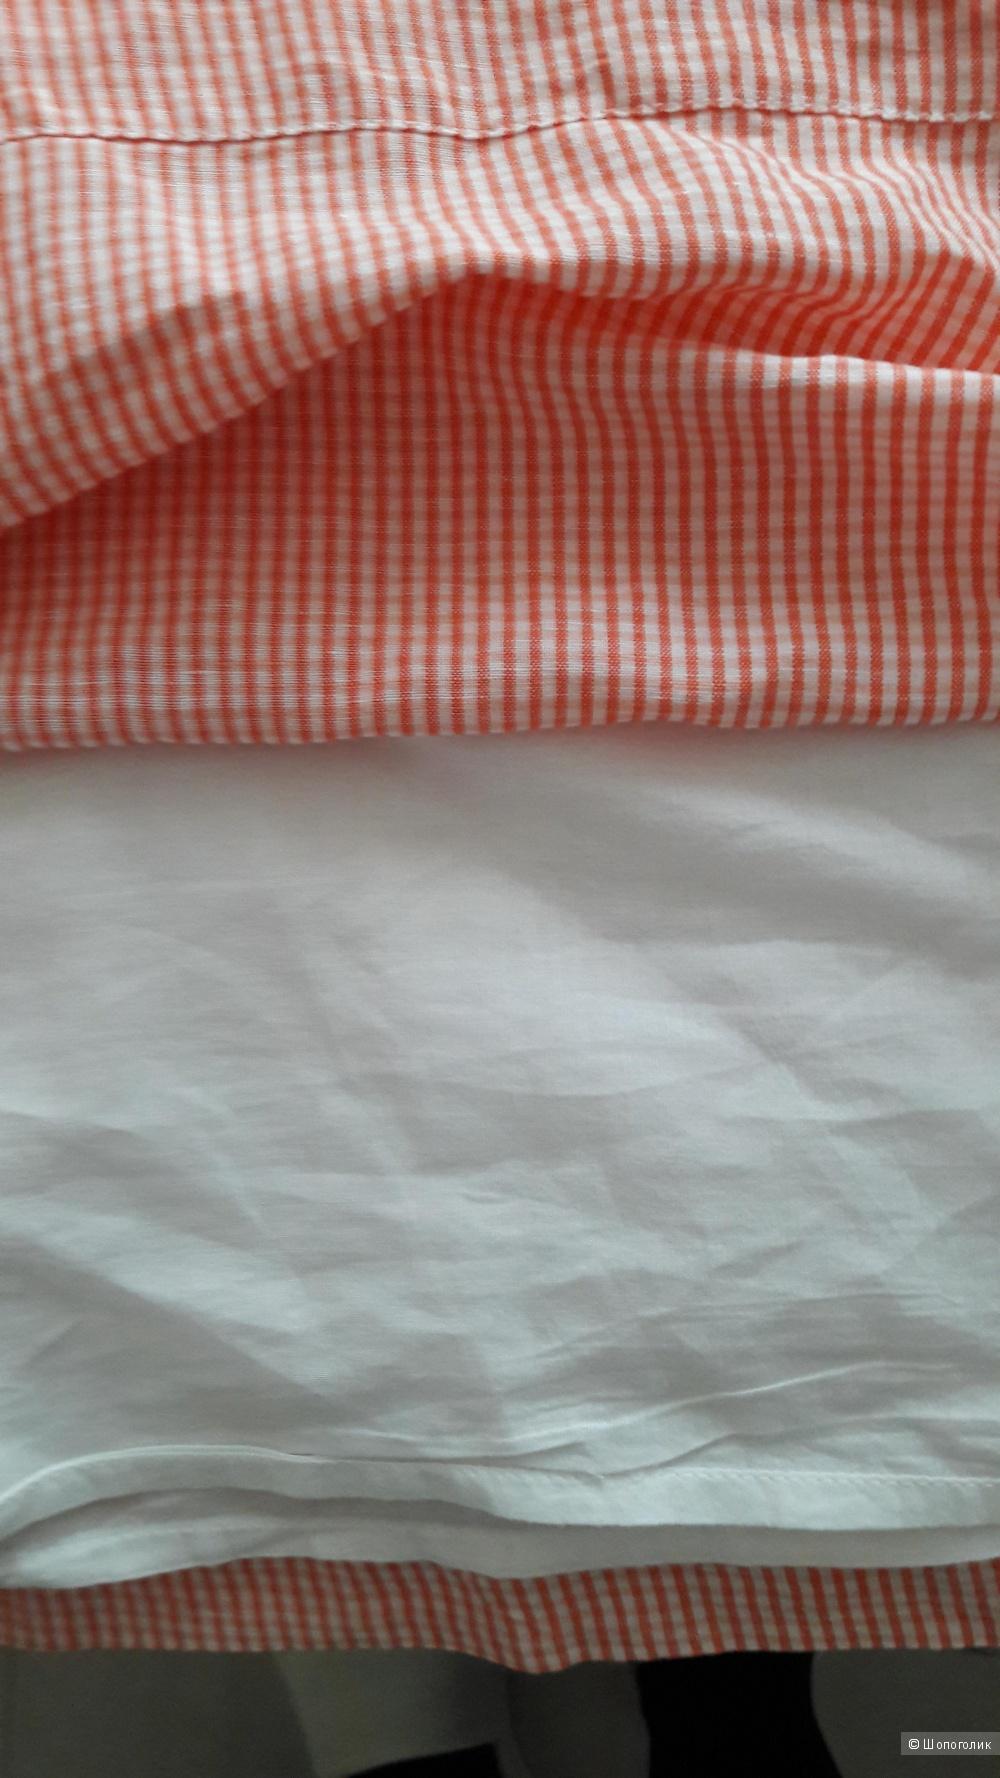 ESPRIT: хлопковый сарафан в размере 34 евро (большемерка)